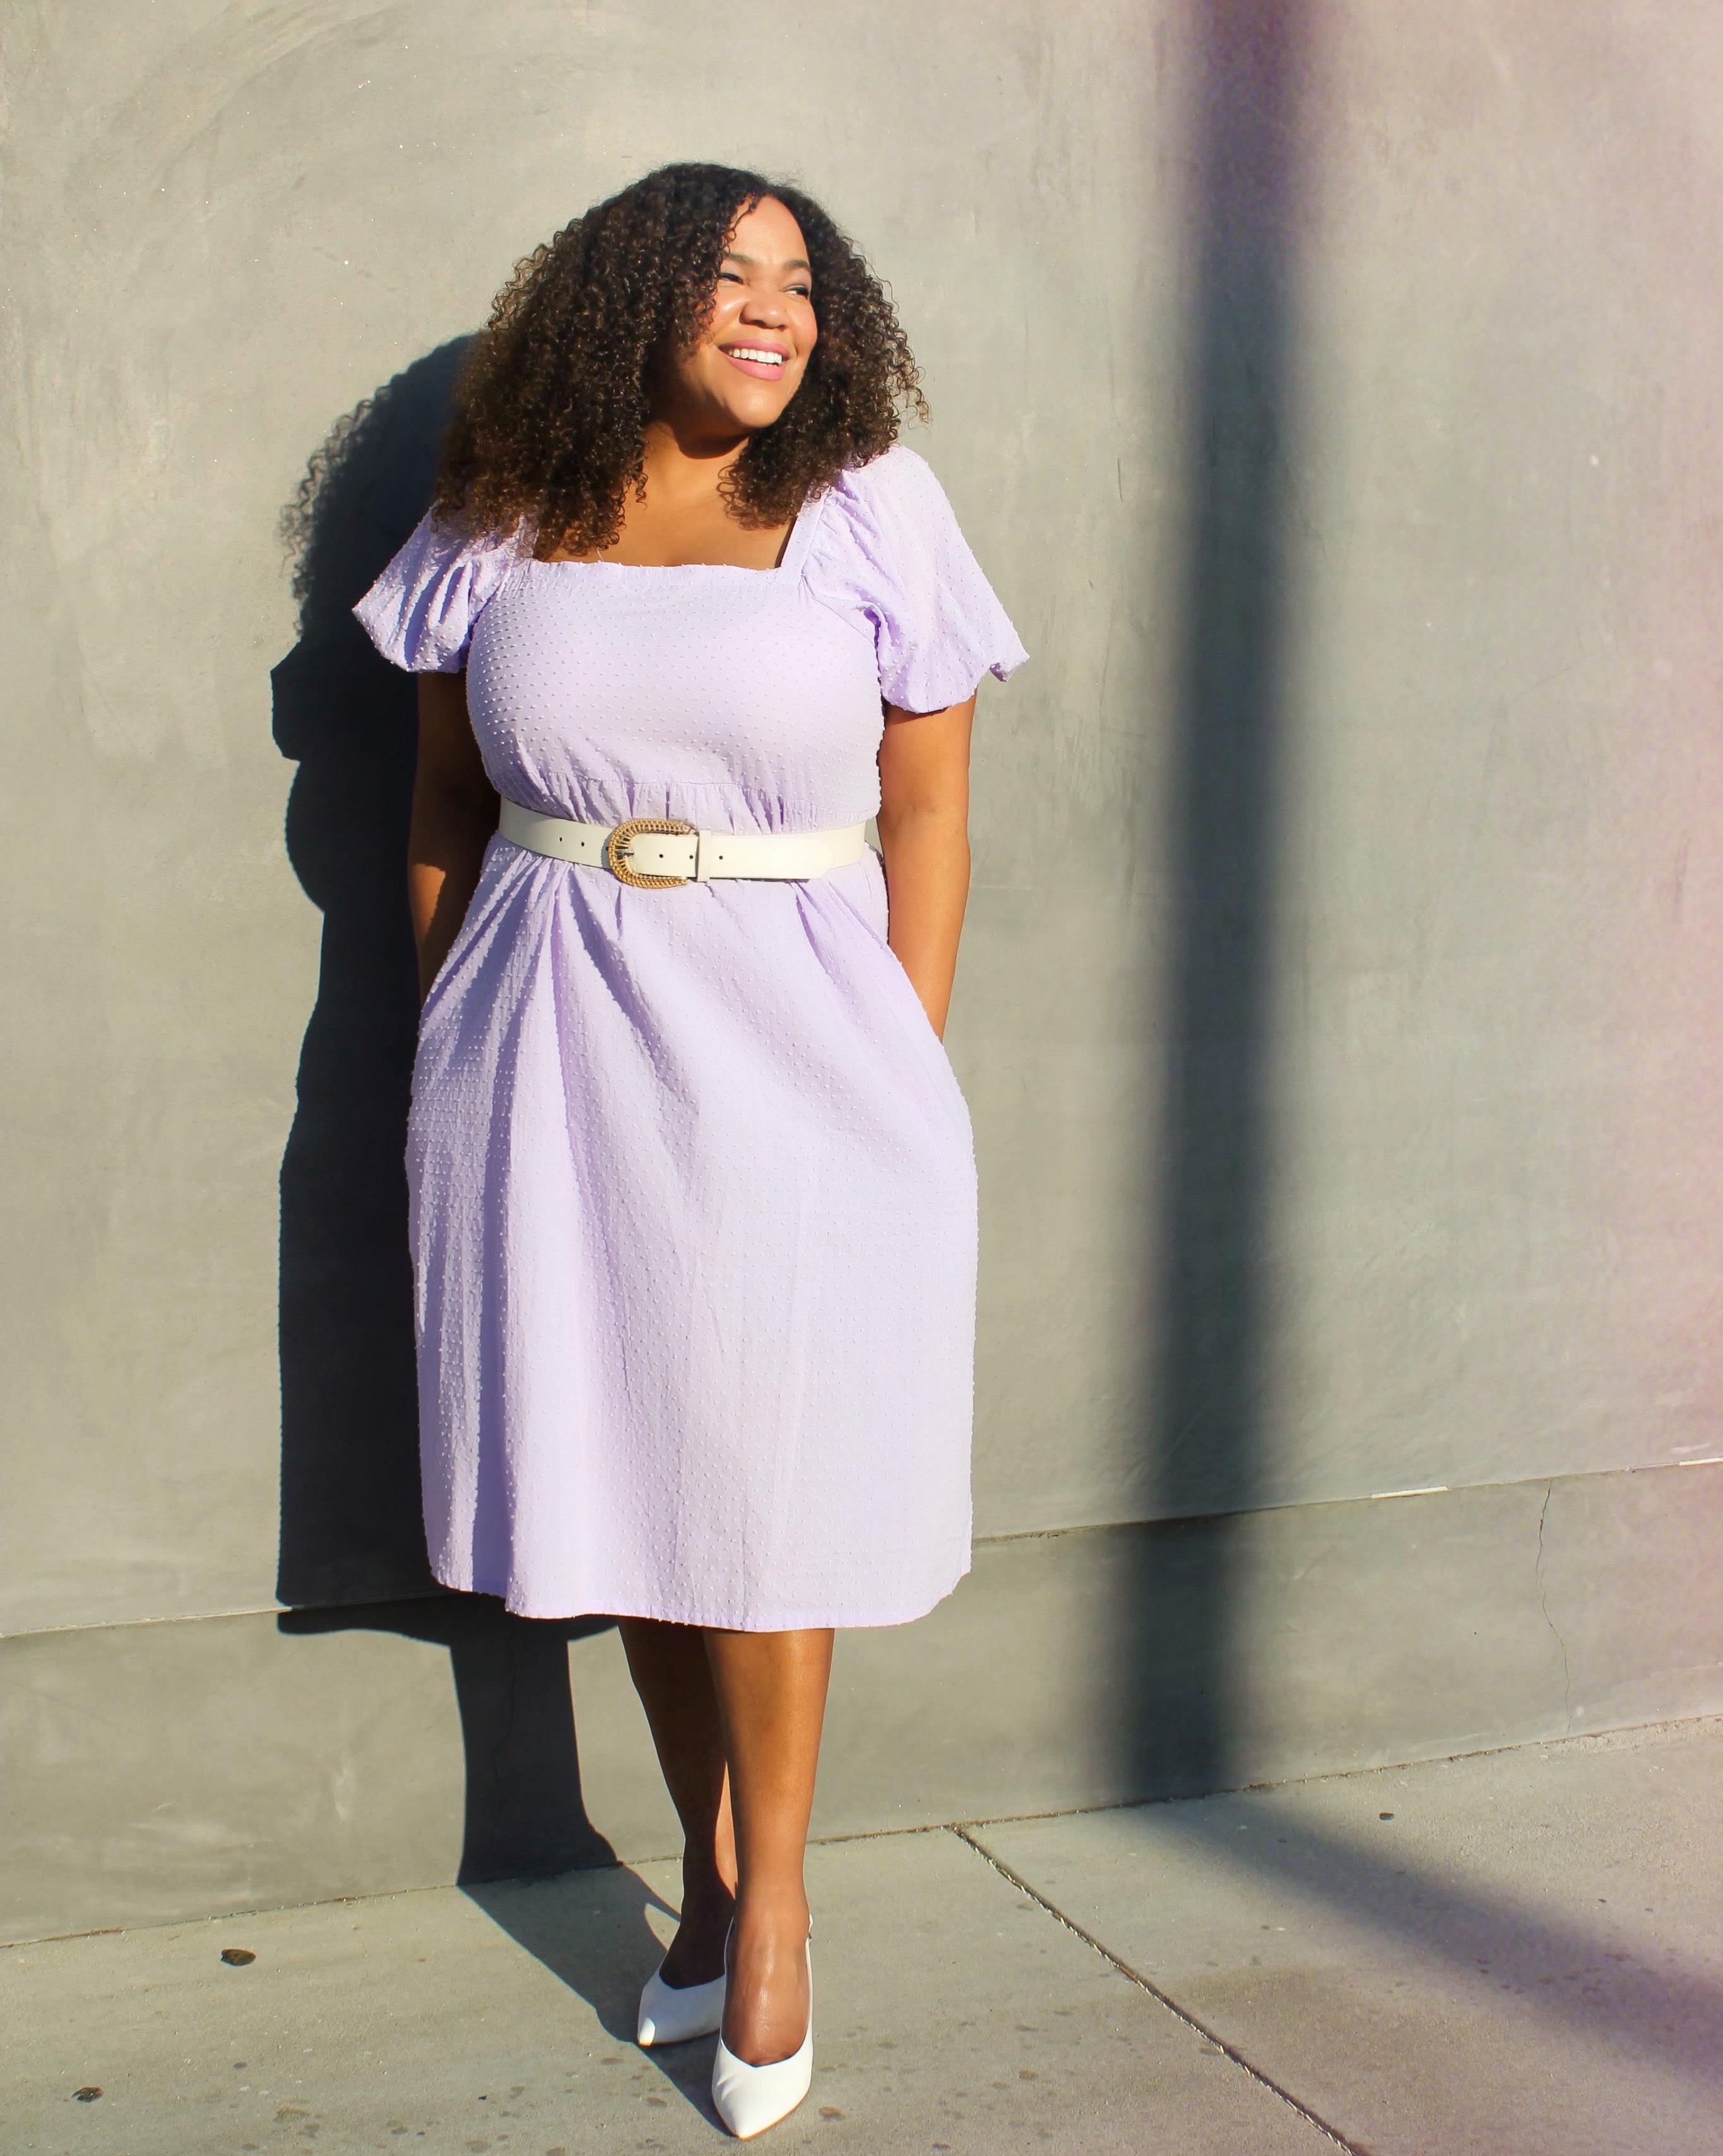 Black woman in purple dress